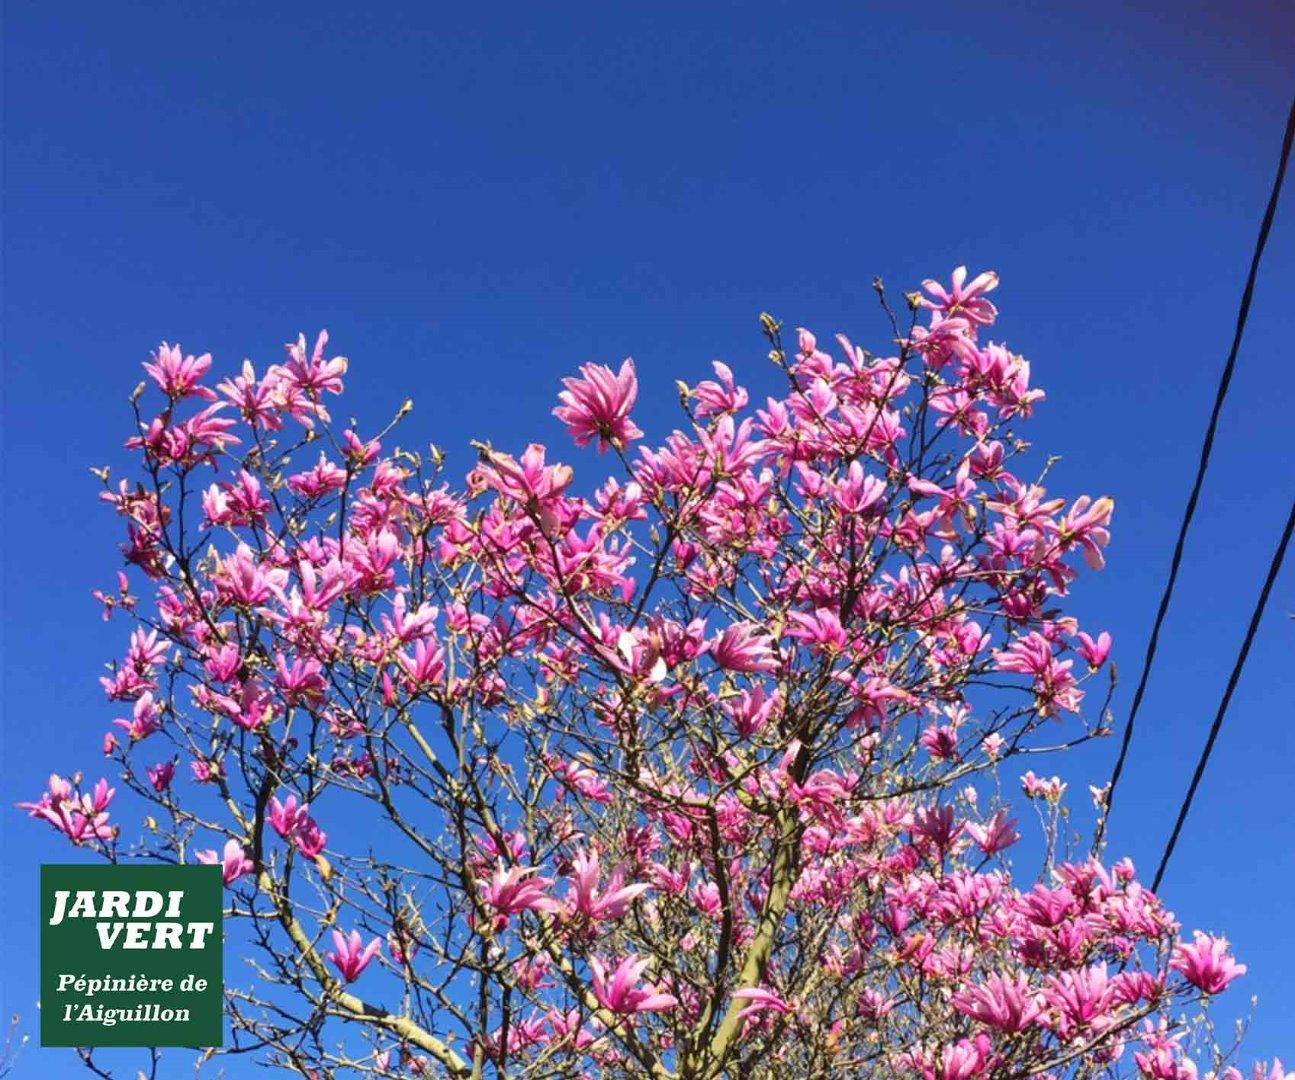 Vente de magnolias caducs : soulangiana, liliflora et stellata - Pépinière de l'Aiguillon Toulouse